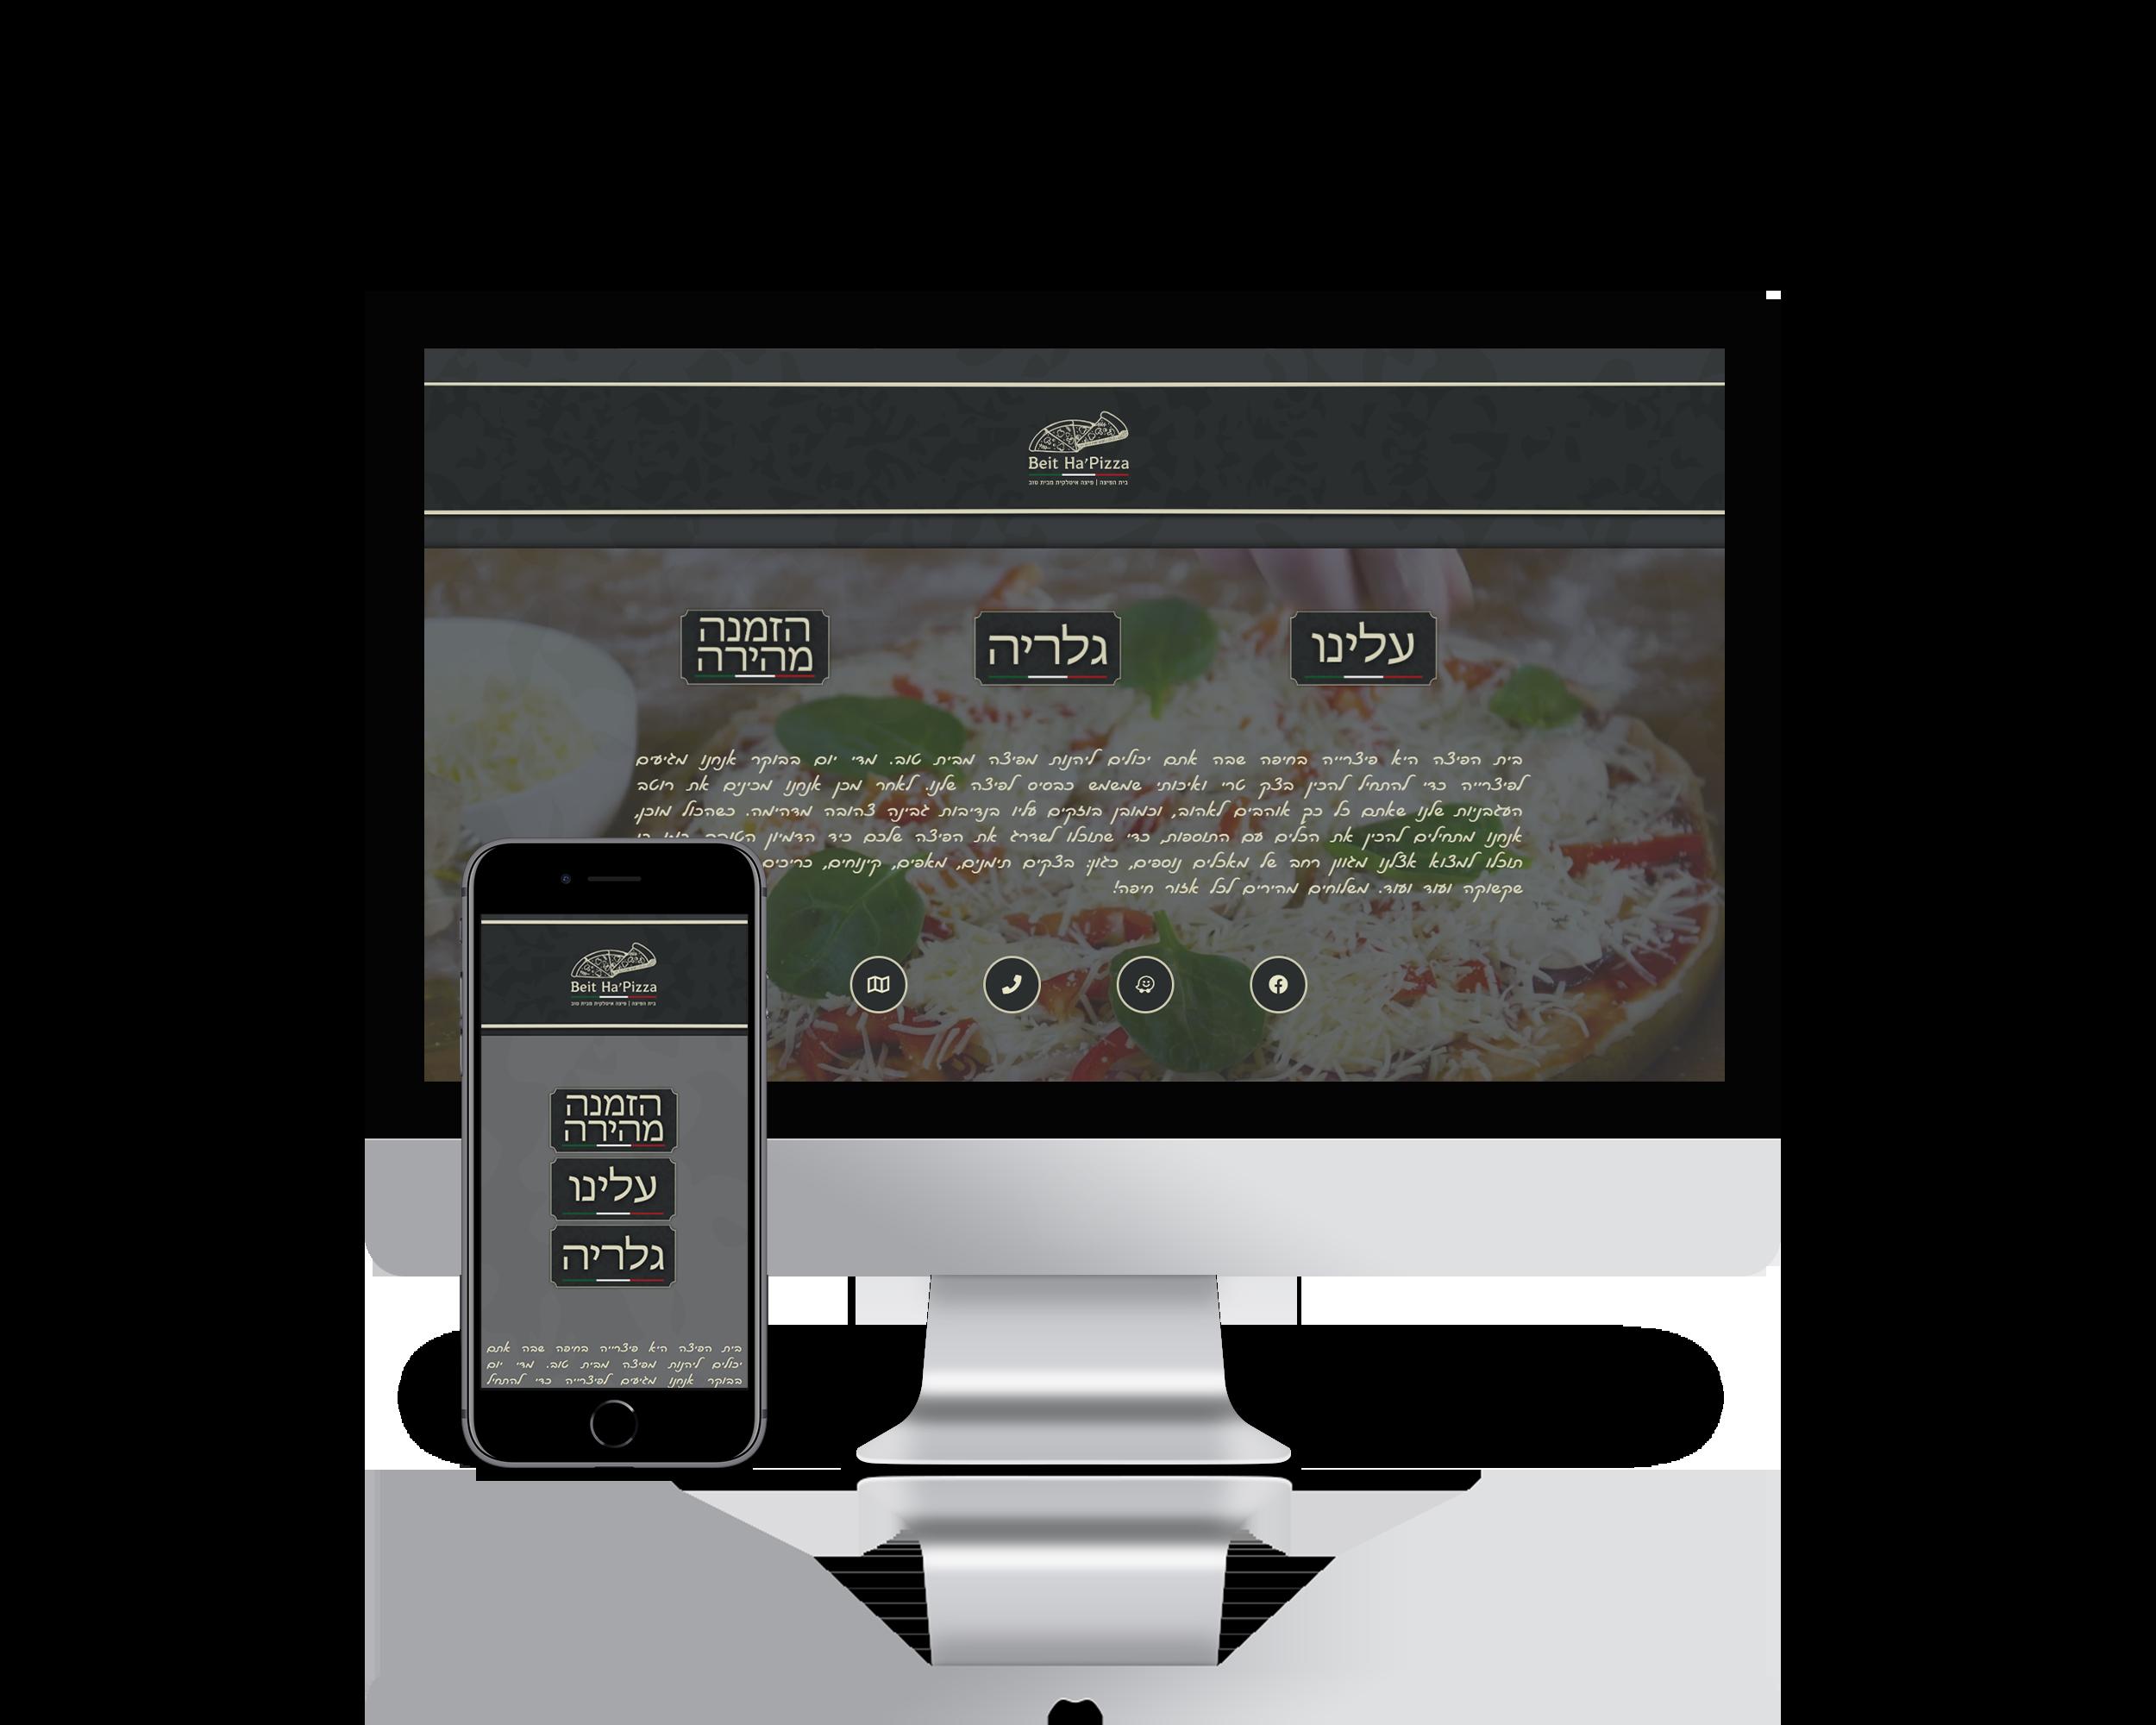 אתר תדמית של בית הפיצה מבין הלקוחות שלנו